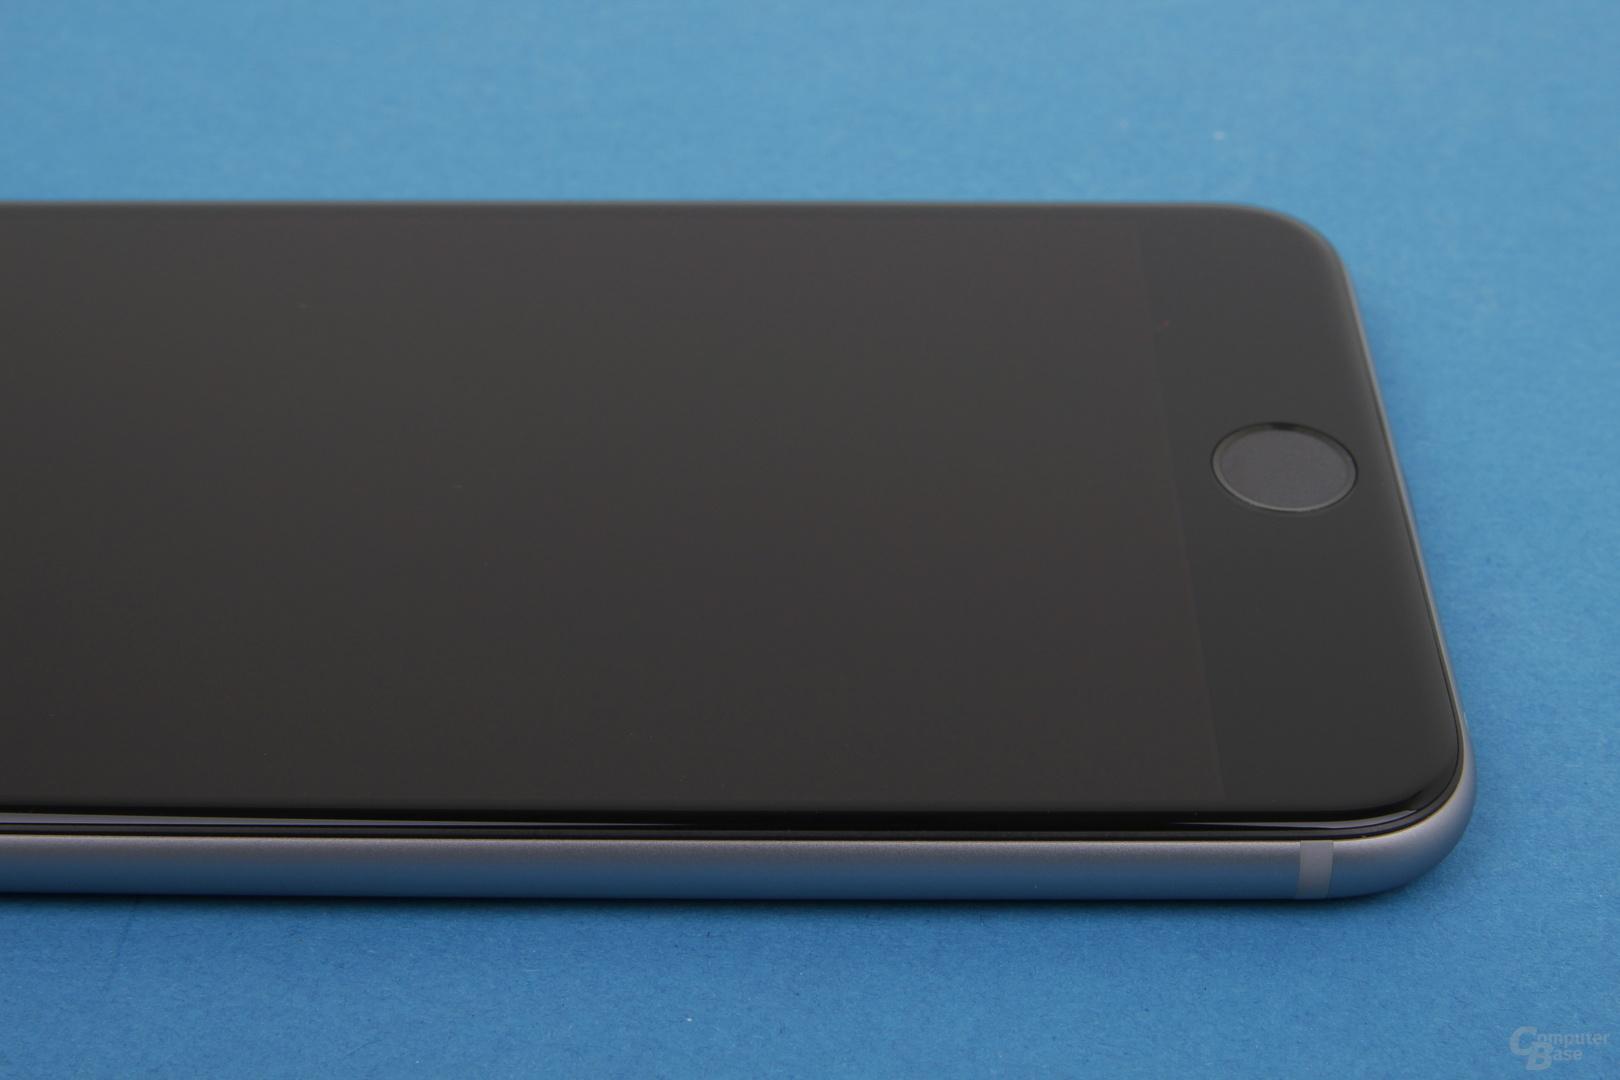 Gewohnt schlichtes Design beim Apple iPhone 6 Plus